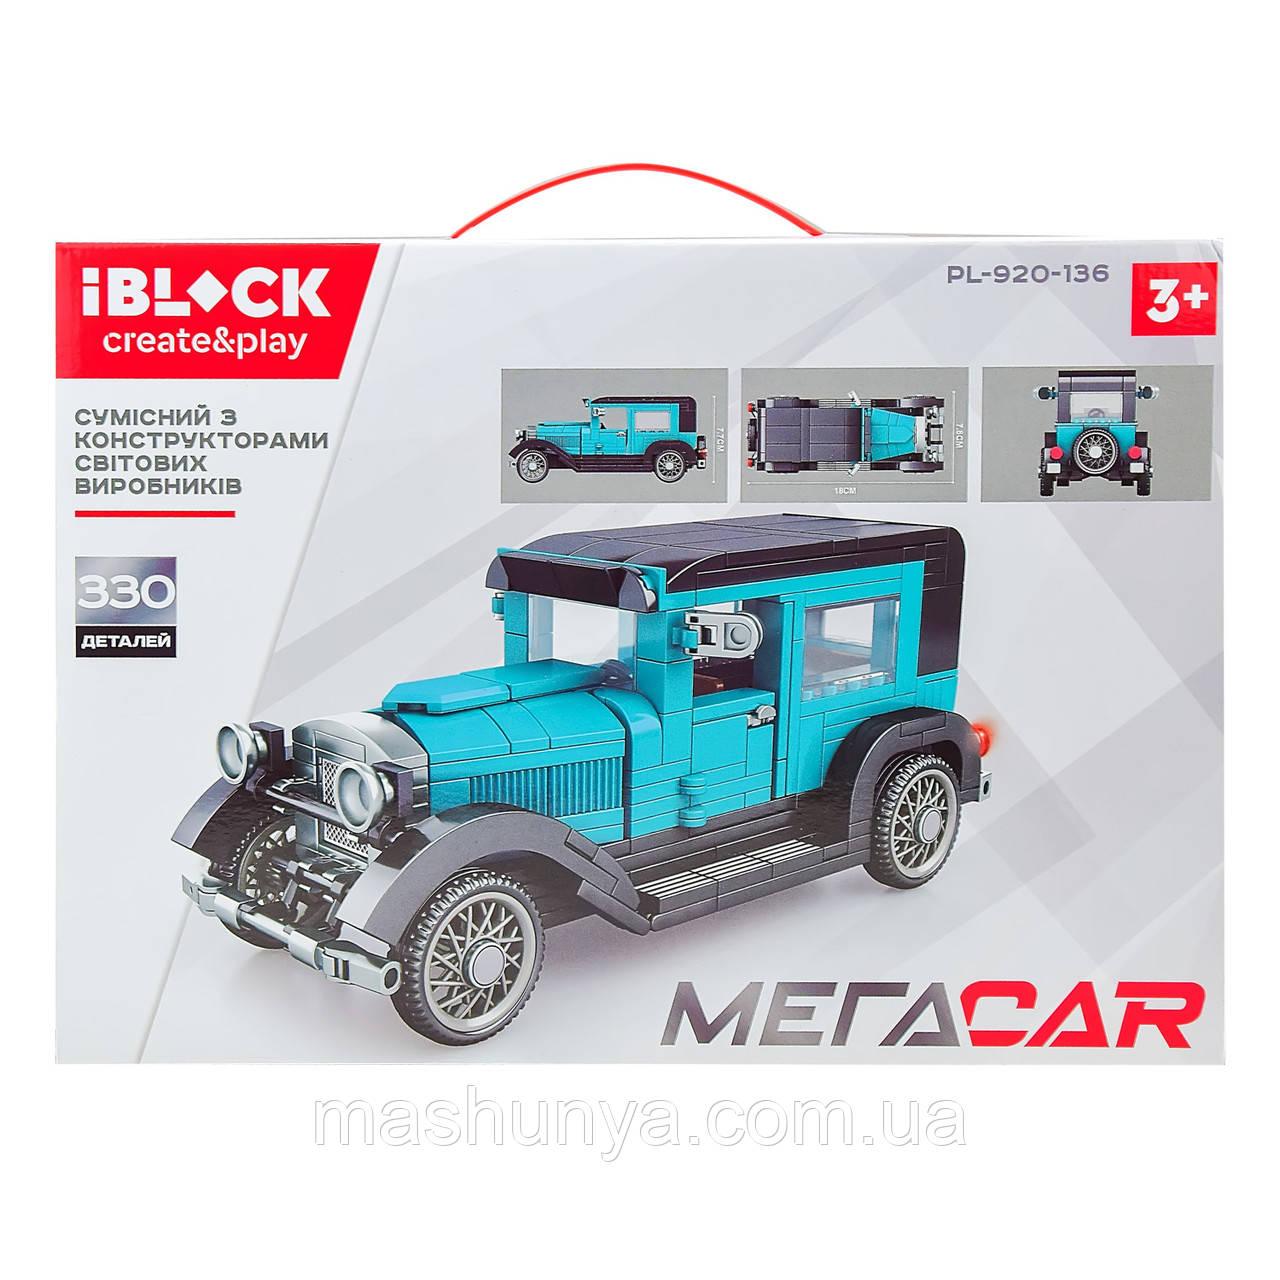 Конструктор iBlock Машинка 330 деталей PL-920-136